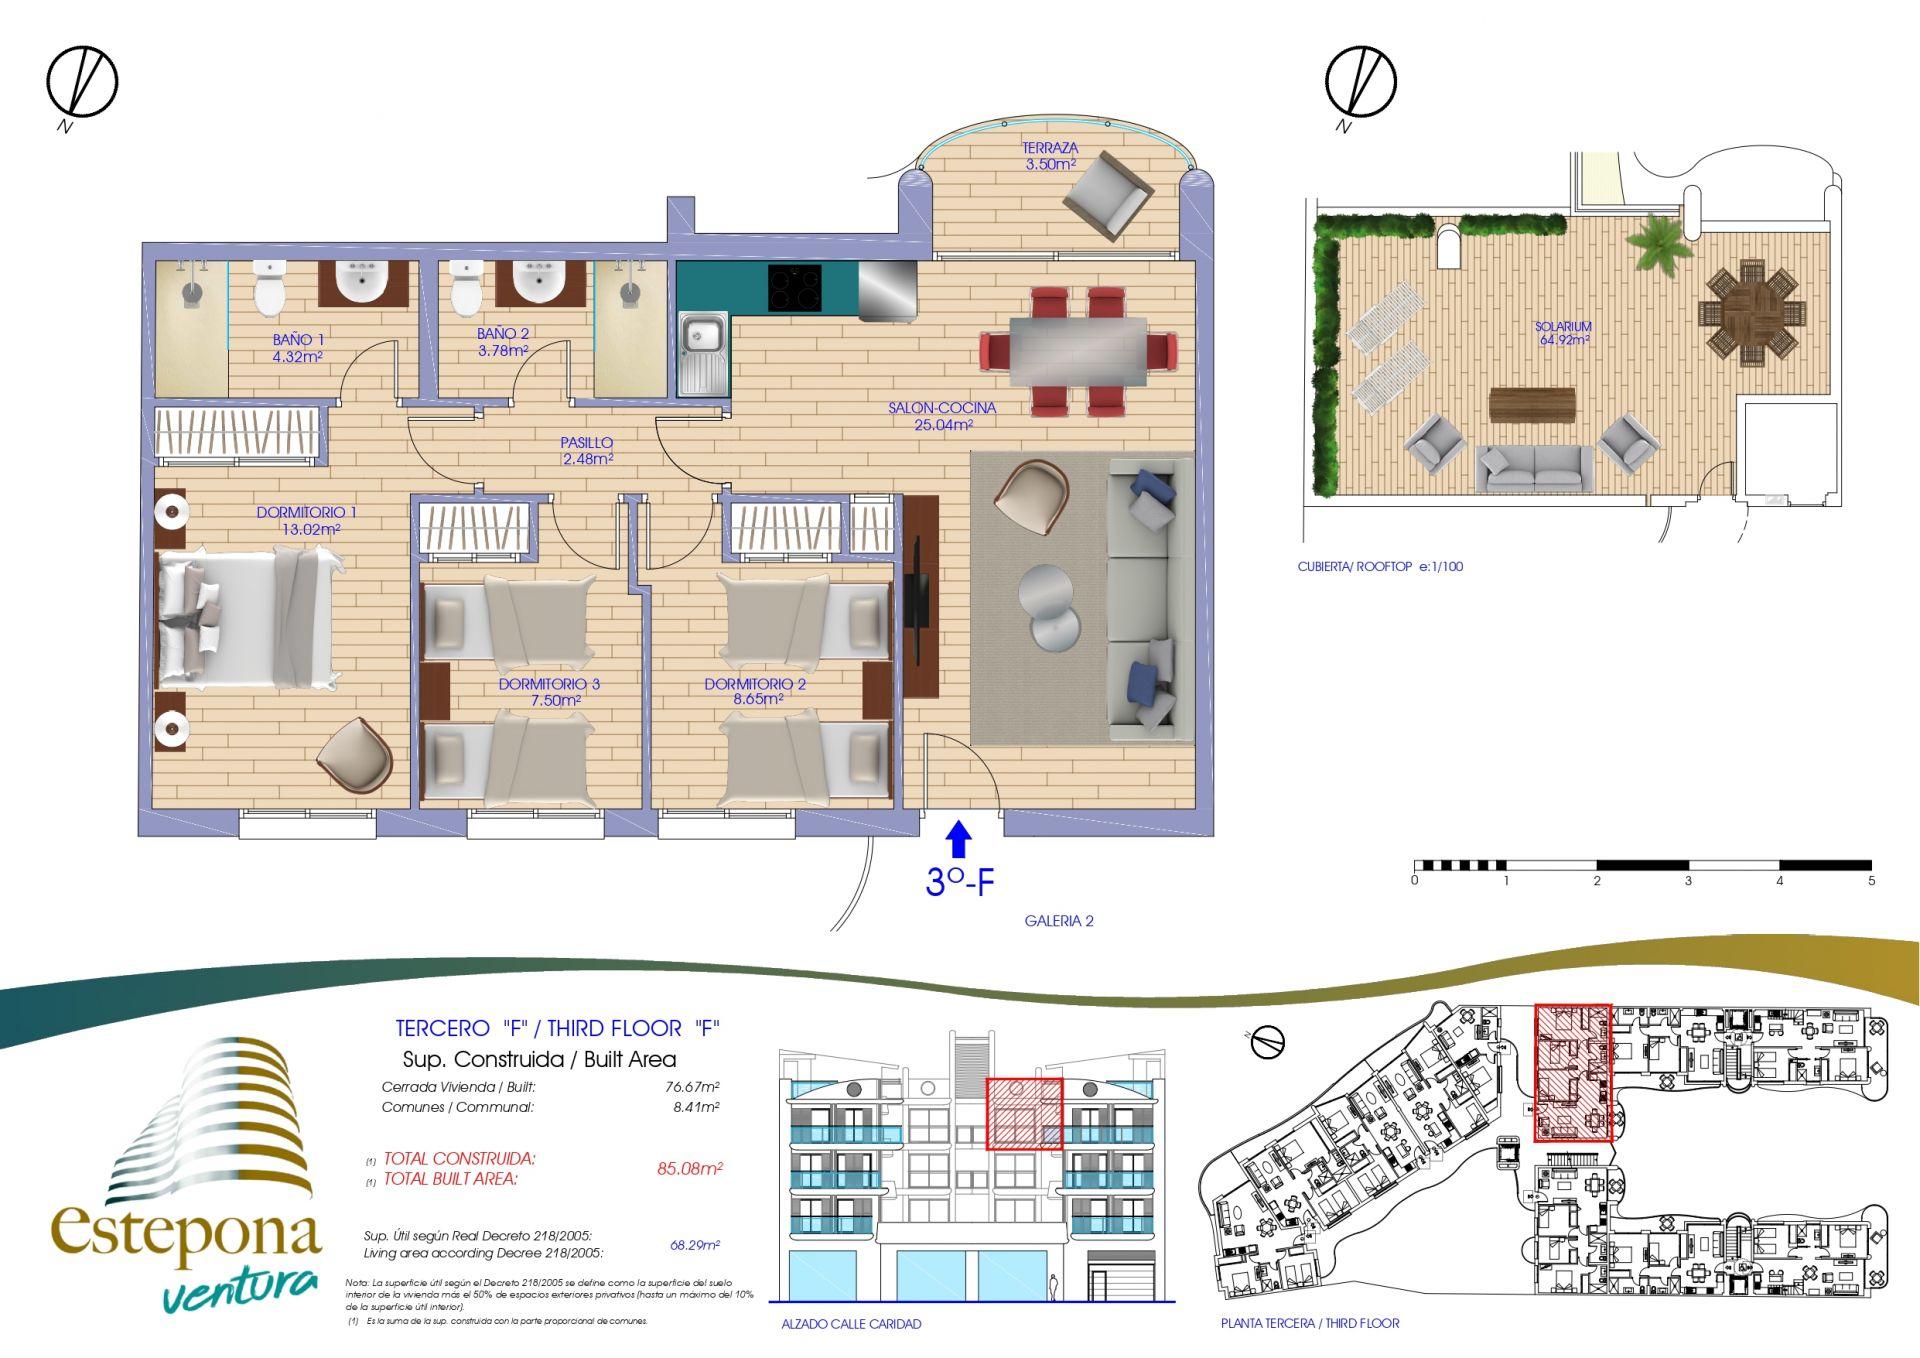 20200527 PLANOS DE VENTAS pages to jpg 0035 - Ventura Estepona | Compra de casa en Estepona